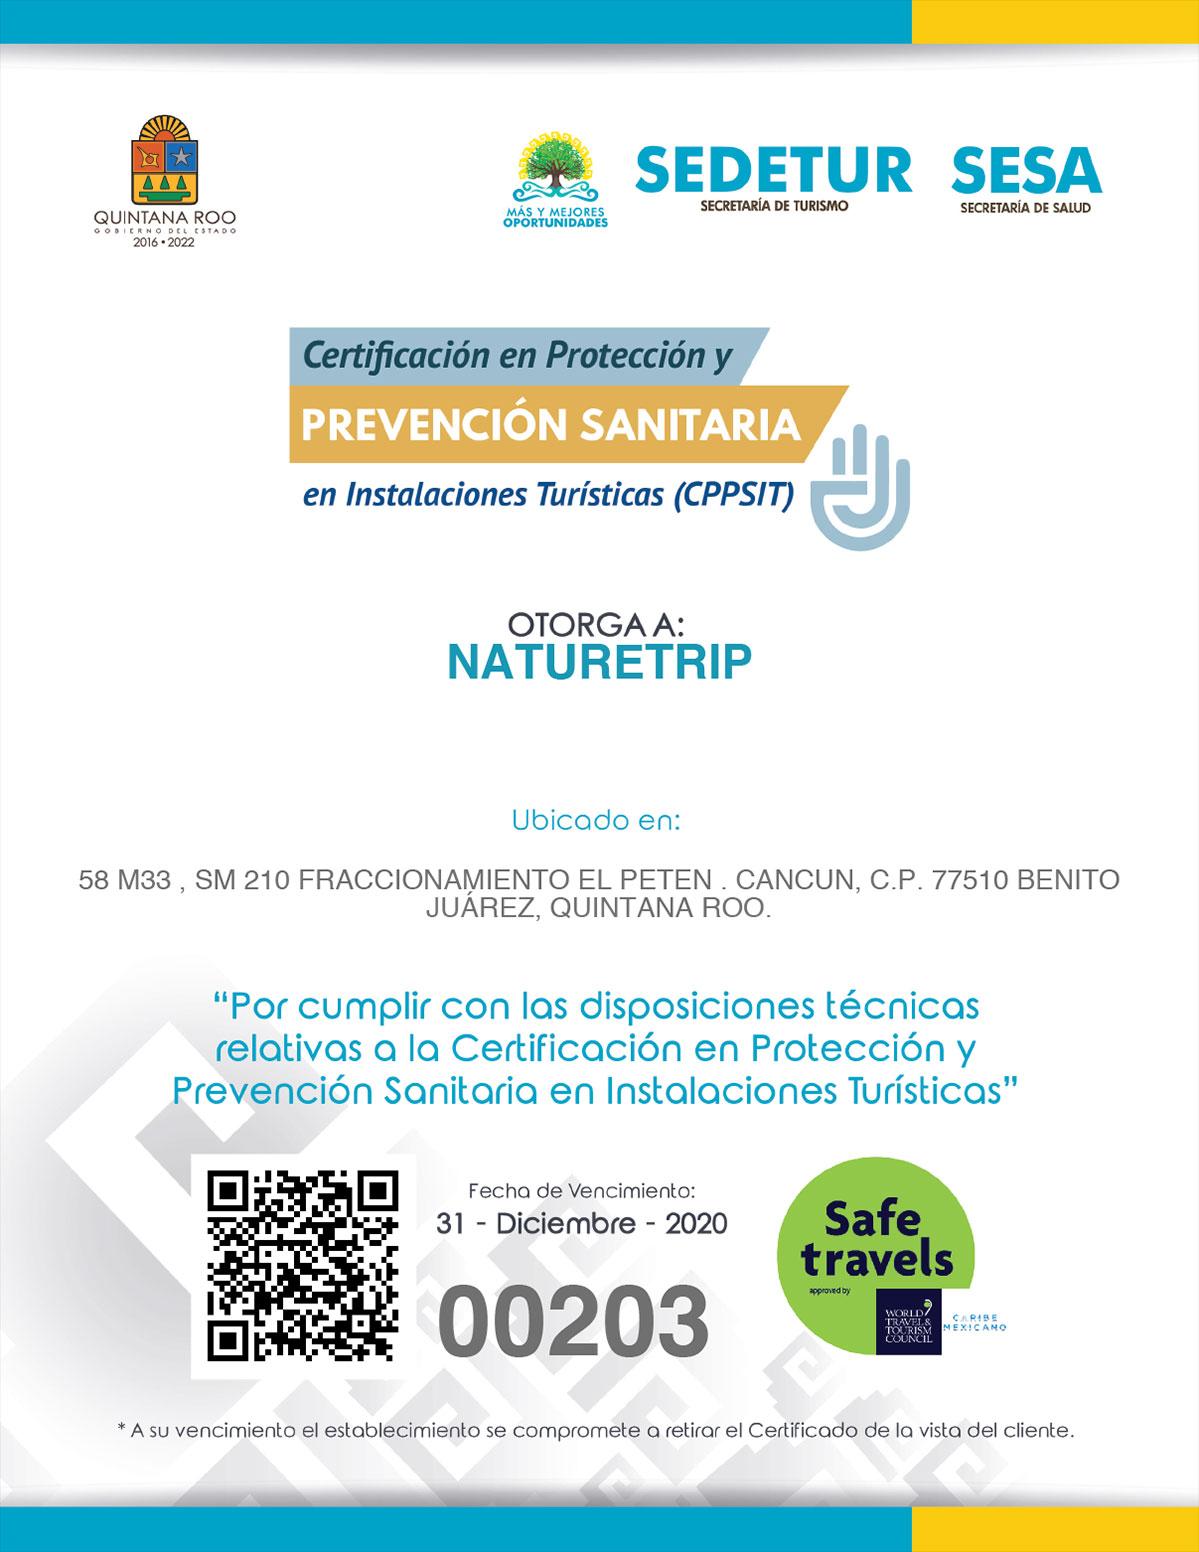 NatureTrip